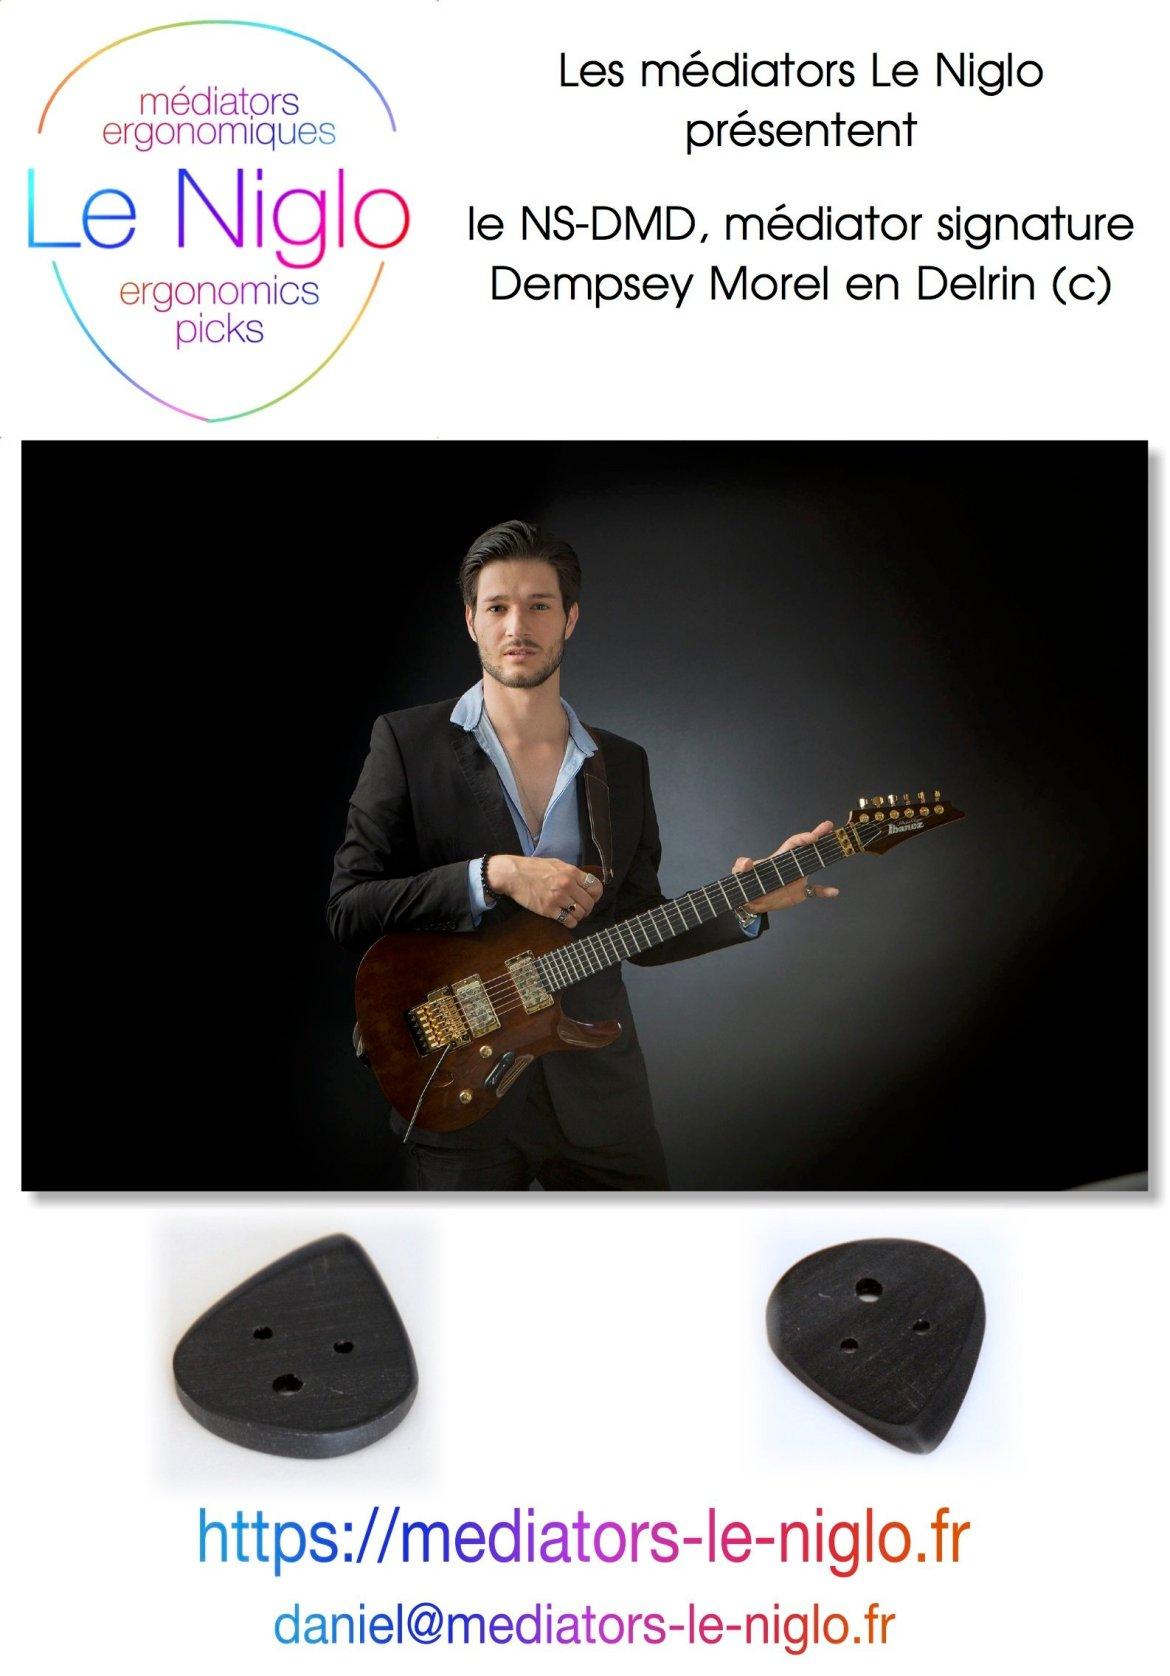 le NS-DMD Delrin (c) signature